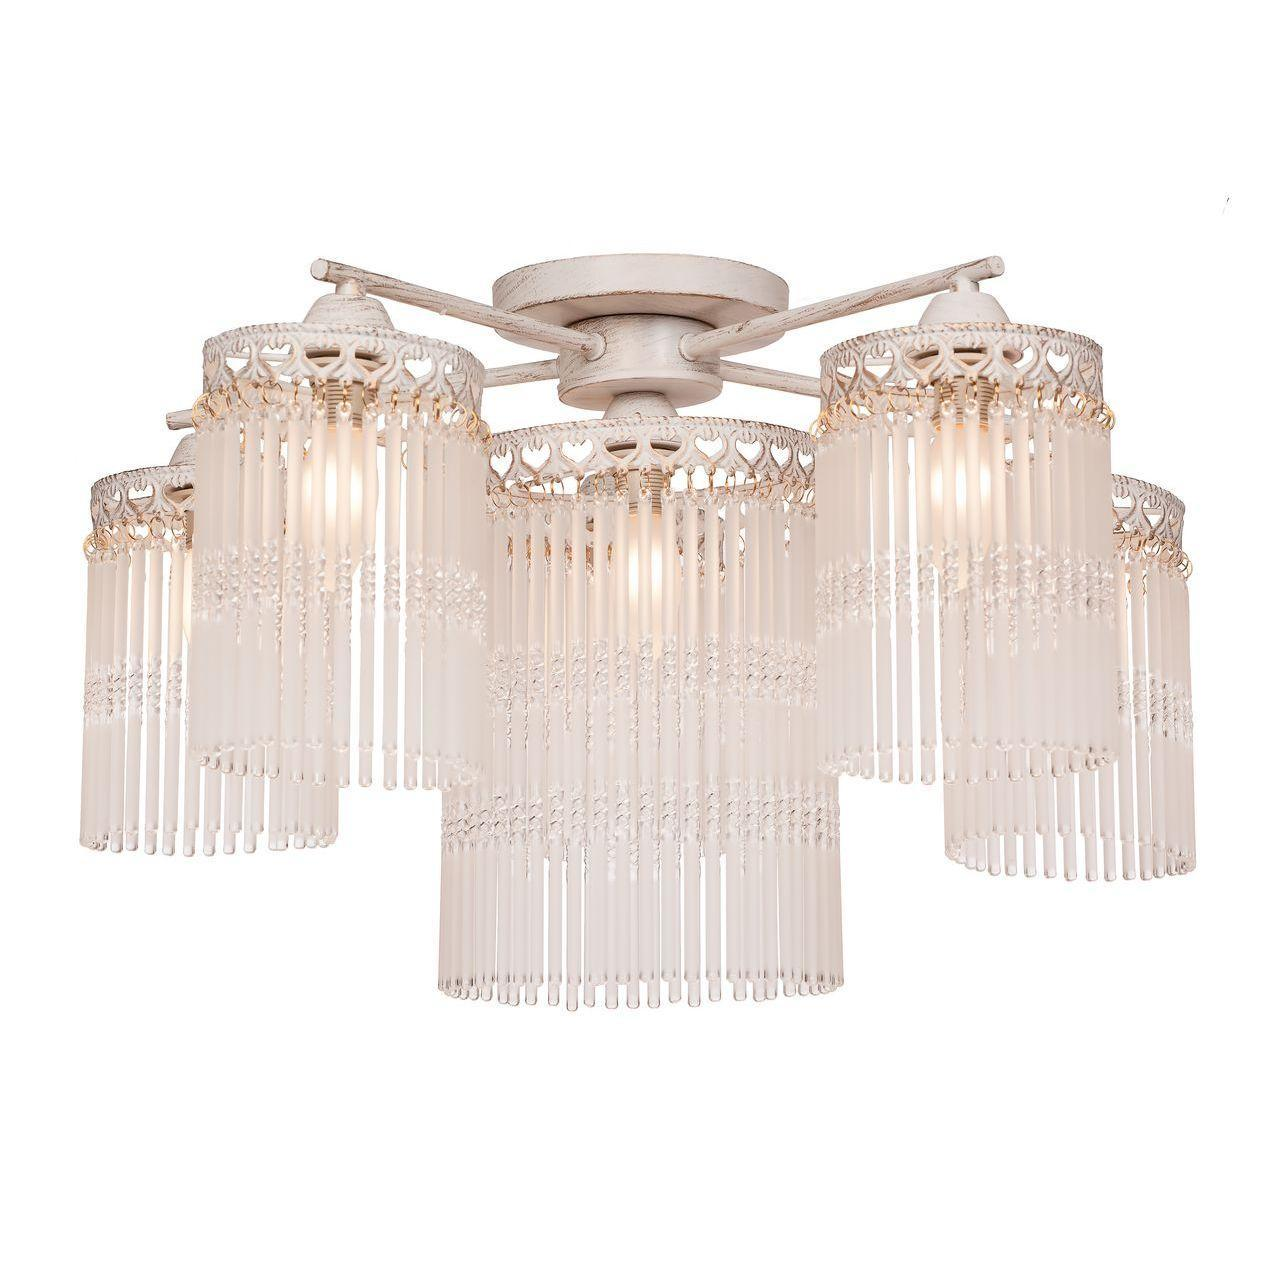 Люстра Silver Light Venezia 712.51.6 потолочная silver light потолочная люстра venezia 712 51 8